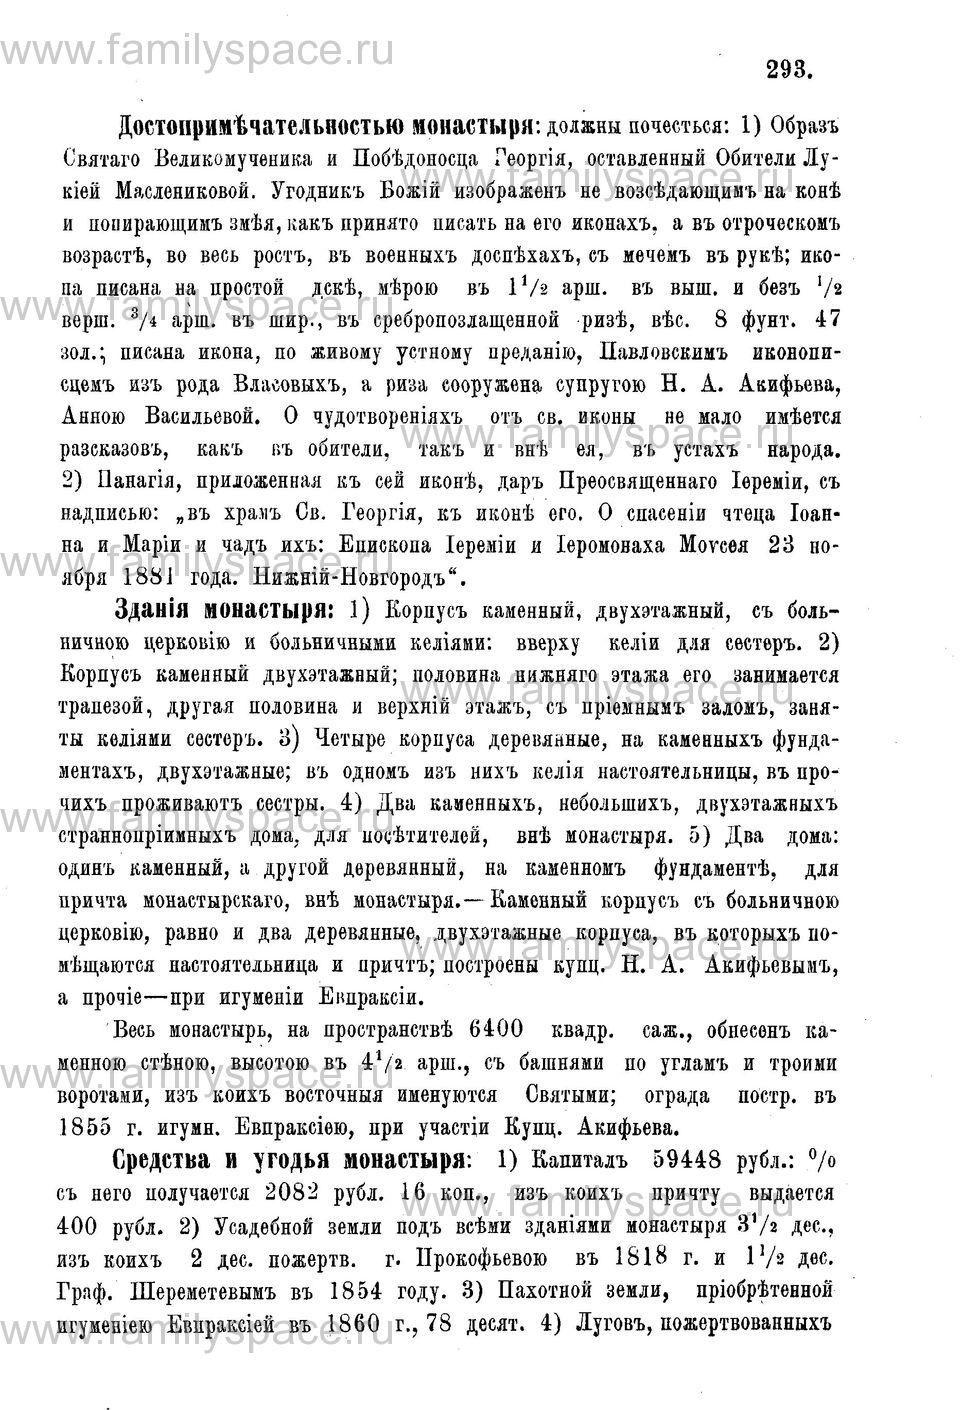 Поиск по фамилии - Адрес-календарь Нижегородской епархии на 1888 год, страница 1293